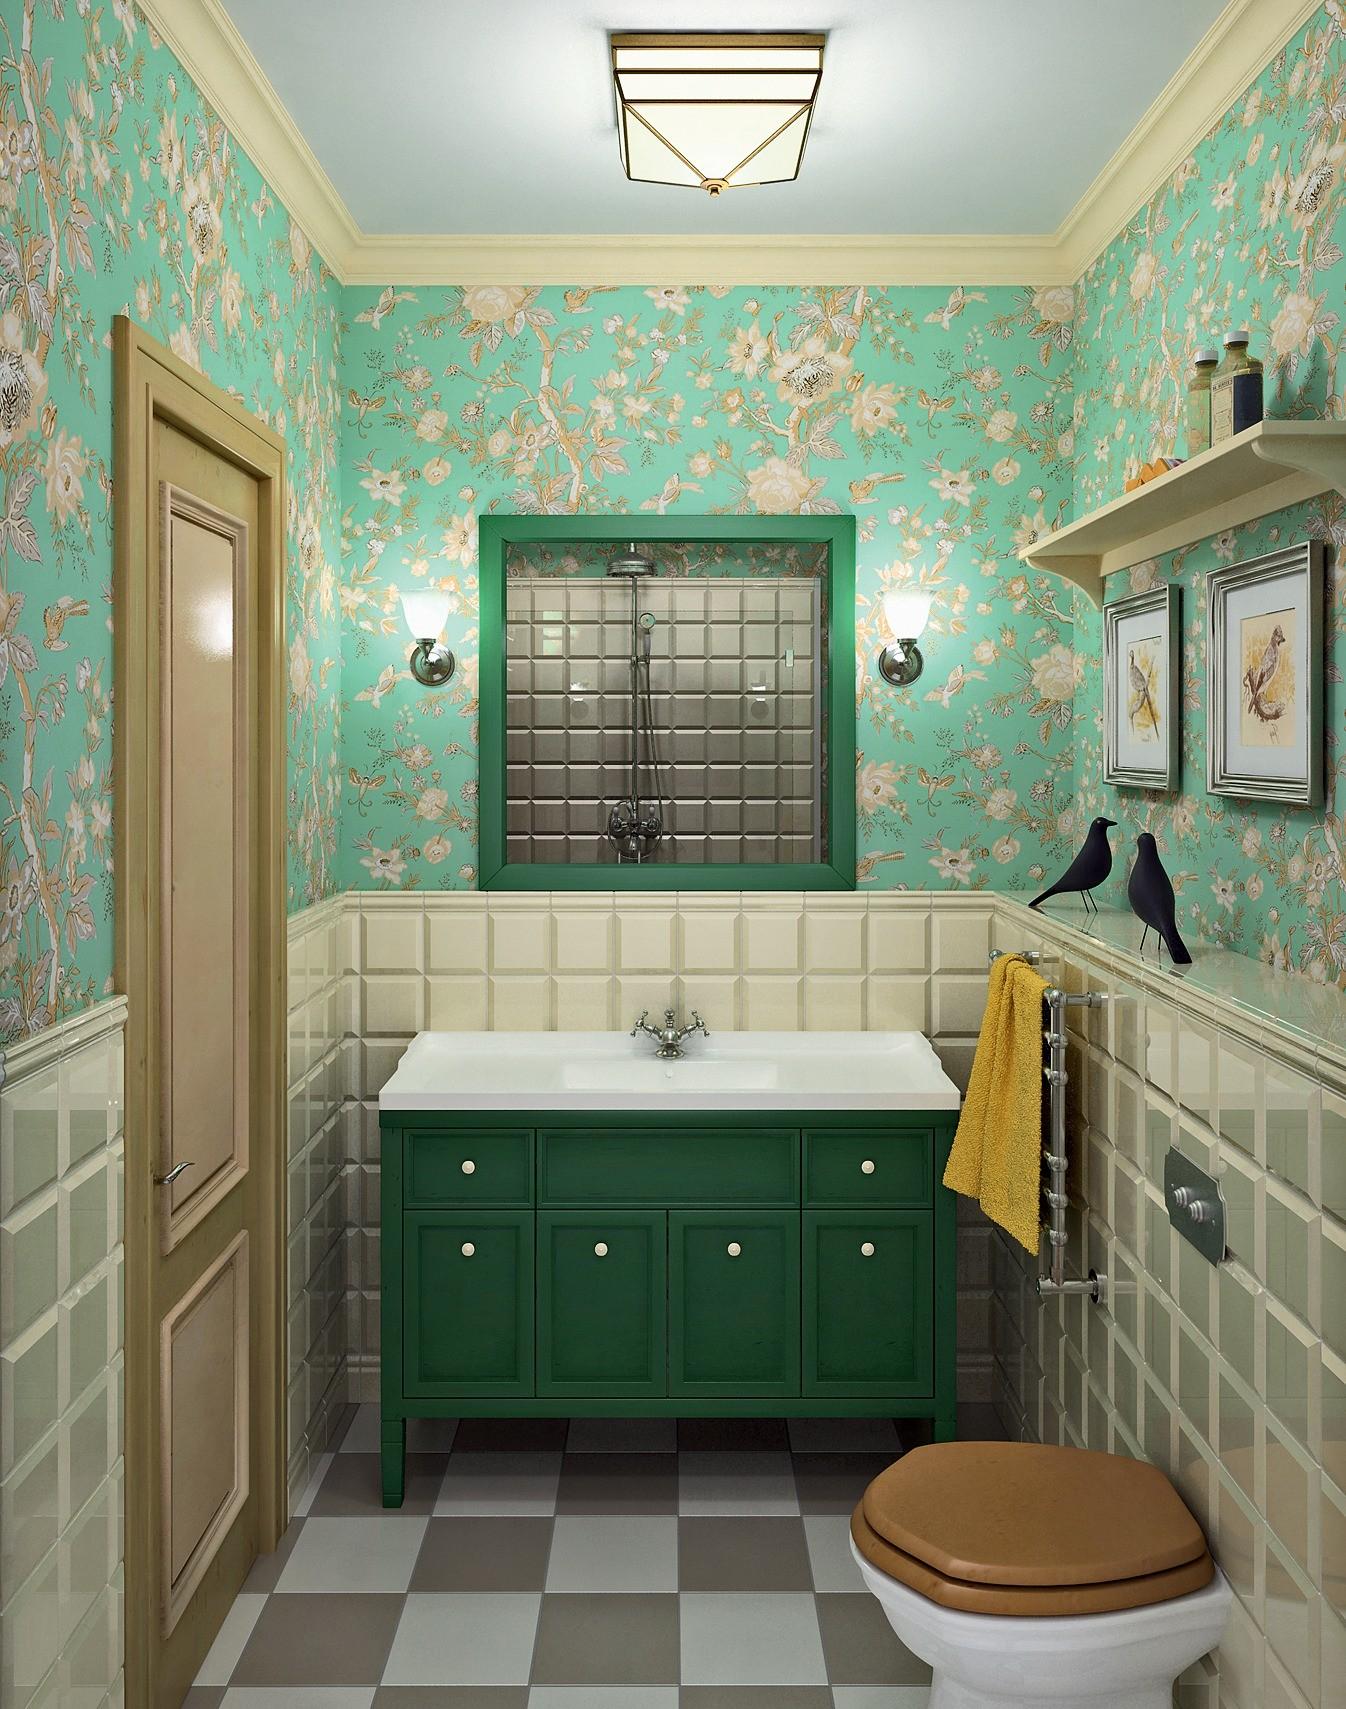 Большая часть стен на высоту 1,2 м облицована небольшой плиткой с крупной фаской, а выше оклеена обоями с цветочным принтом. Тёмно-зелёная крашеная тумба под раковину и гравюры Томаса Бью...